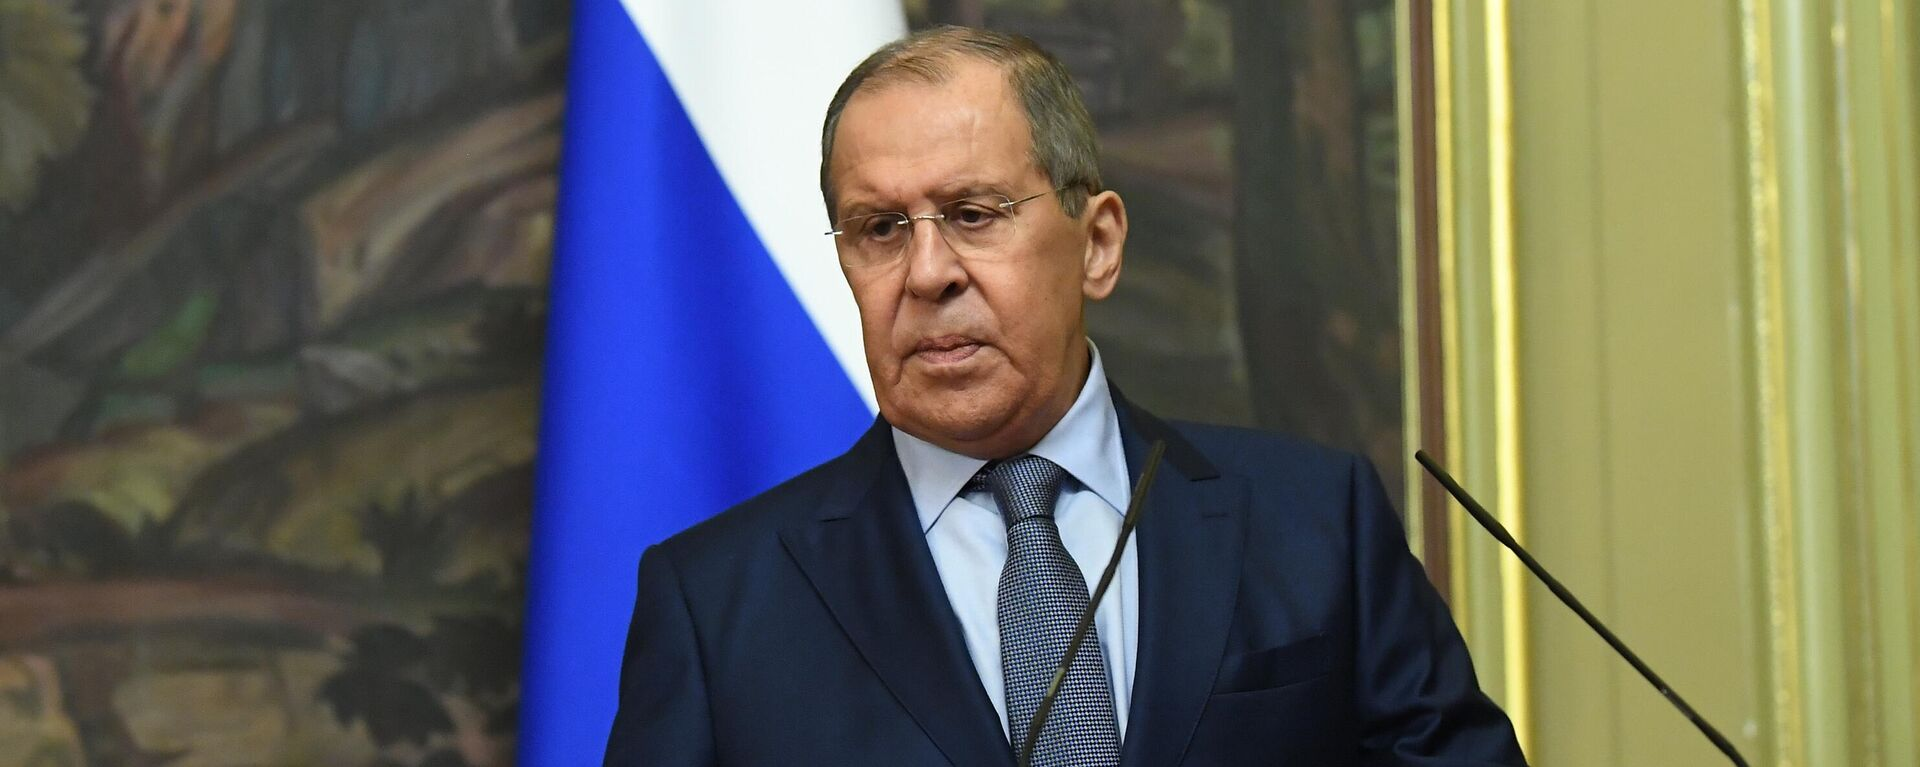 Лавров объяснил, почему РФ не спешит признавать Талибан* - Sputnik Латвия, 1920, 19.08.2021